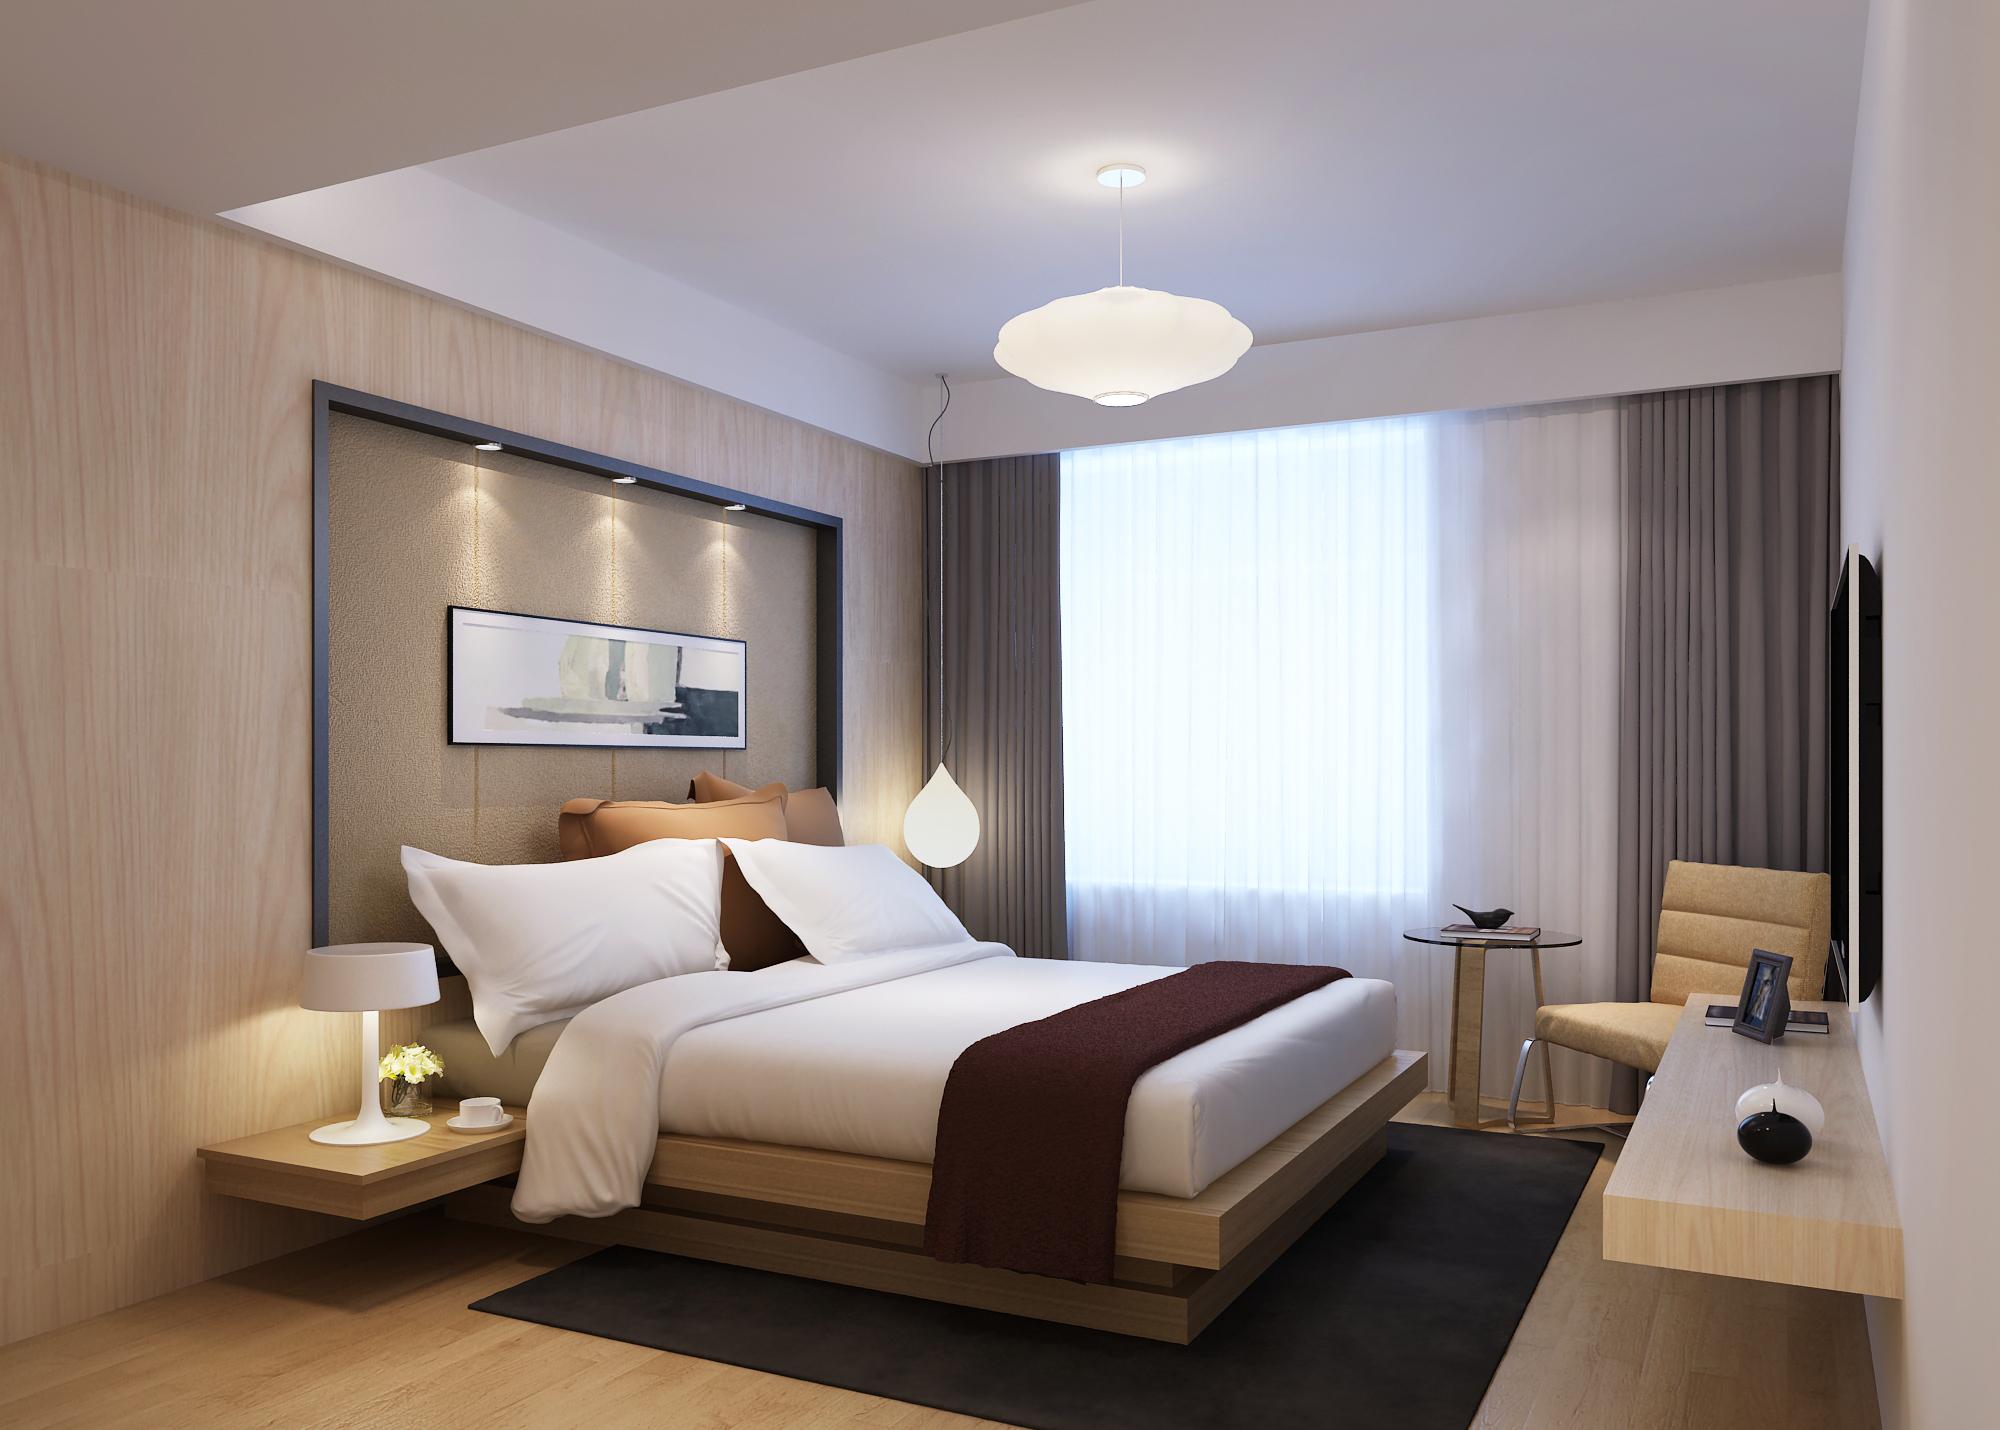 Modern Bedroom 3d Model Max Cgtrader Com